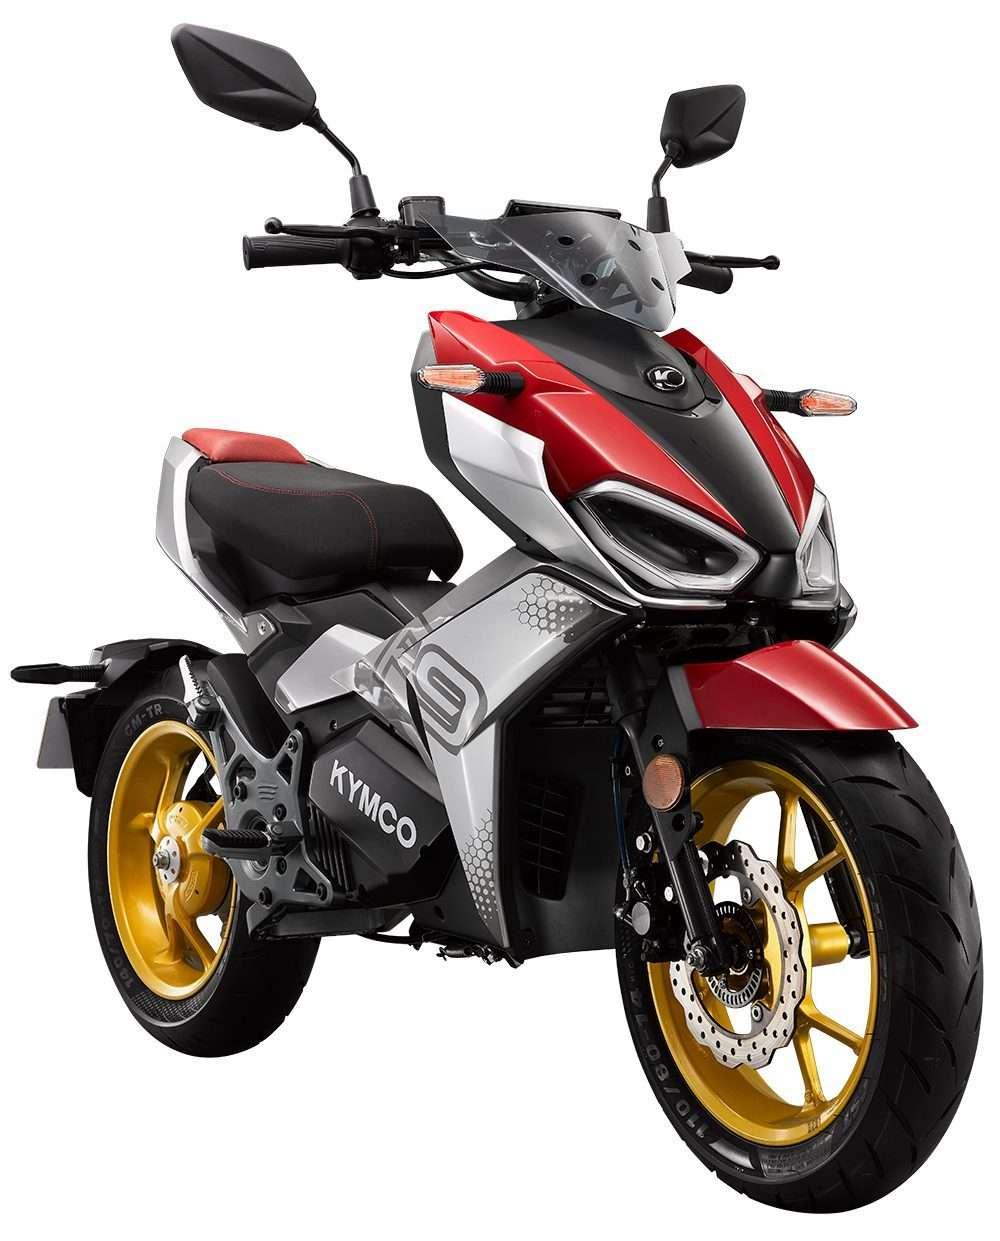 Le Kymco F9 mise sur un design agressif largement inspiré de la moto. © Kymco